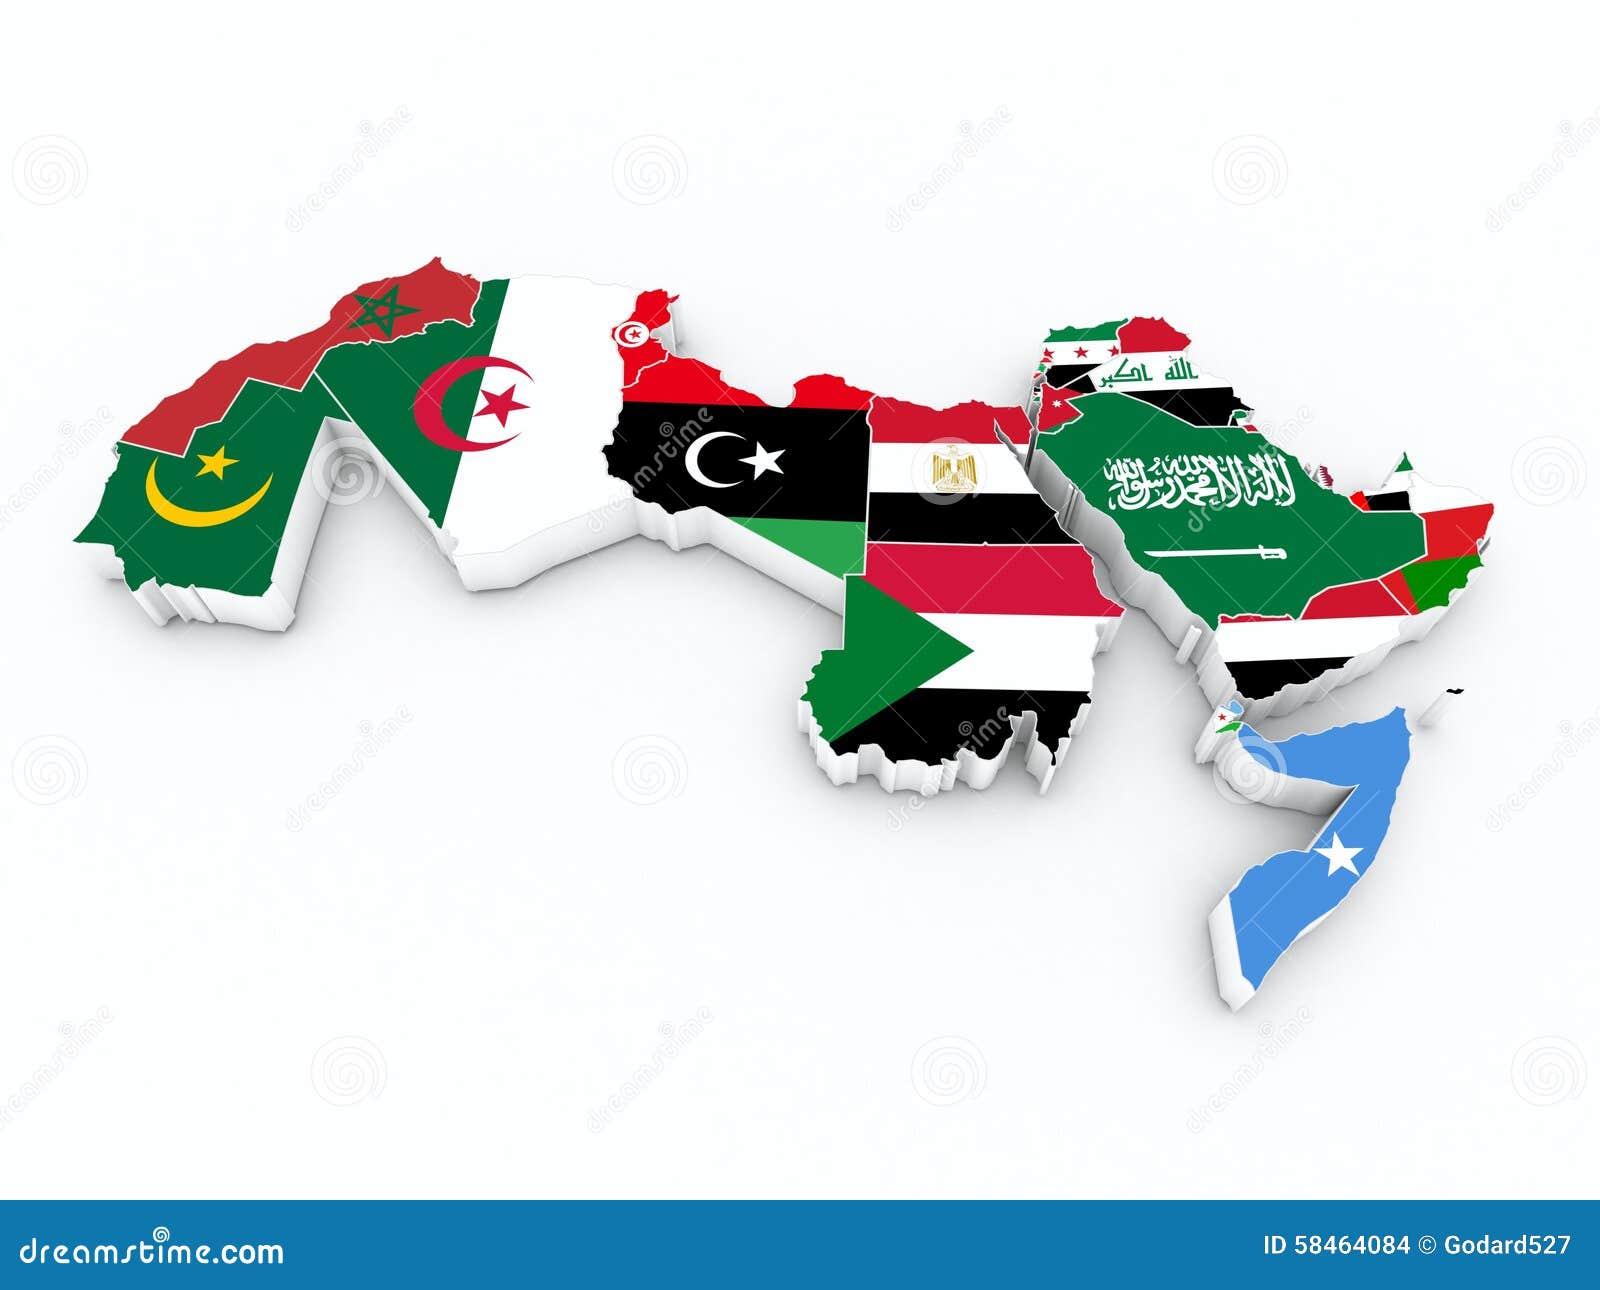 Bandeiras do membro da liga árabe no mapa 3D